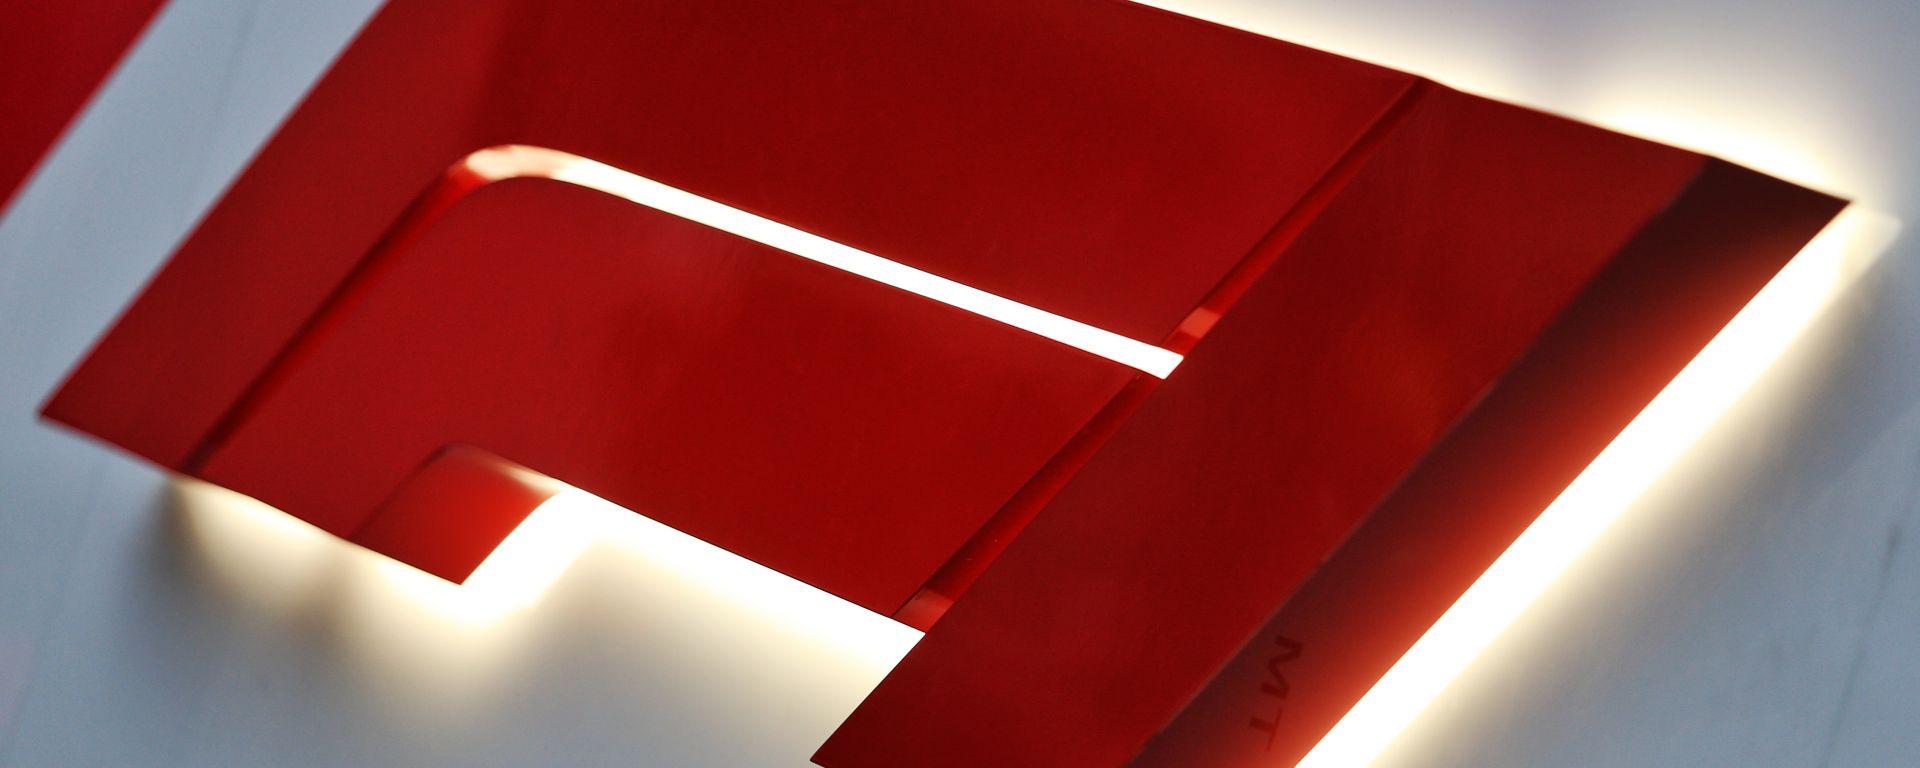 F1, il logo del campionato del mondo di Formula 1